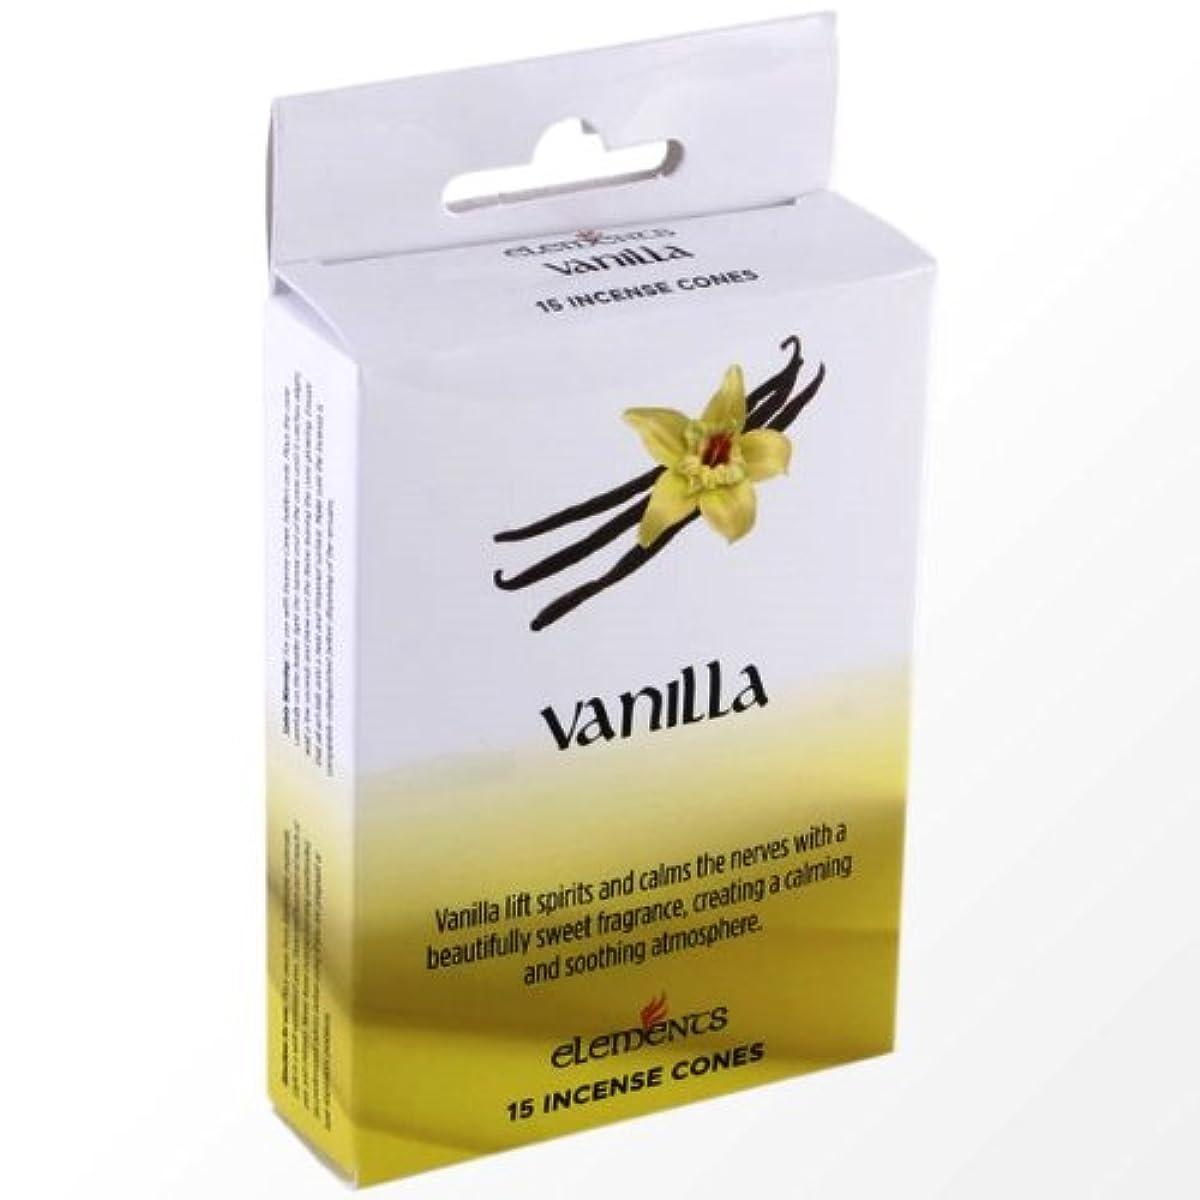 離れた広告主海藻(VANILLA) - Box of 15 Indian Incense Cones Elements (VANILLA)